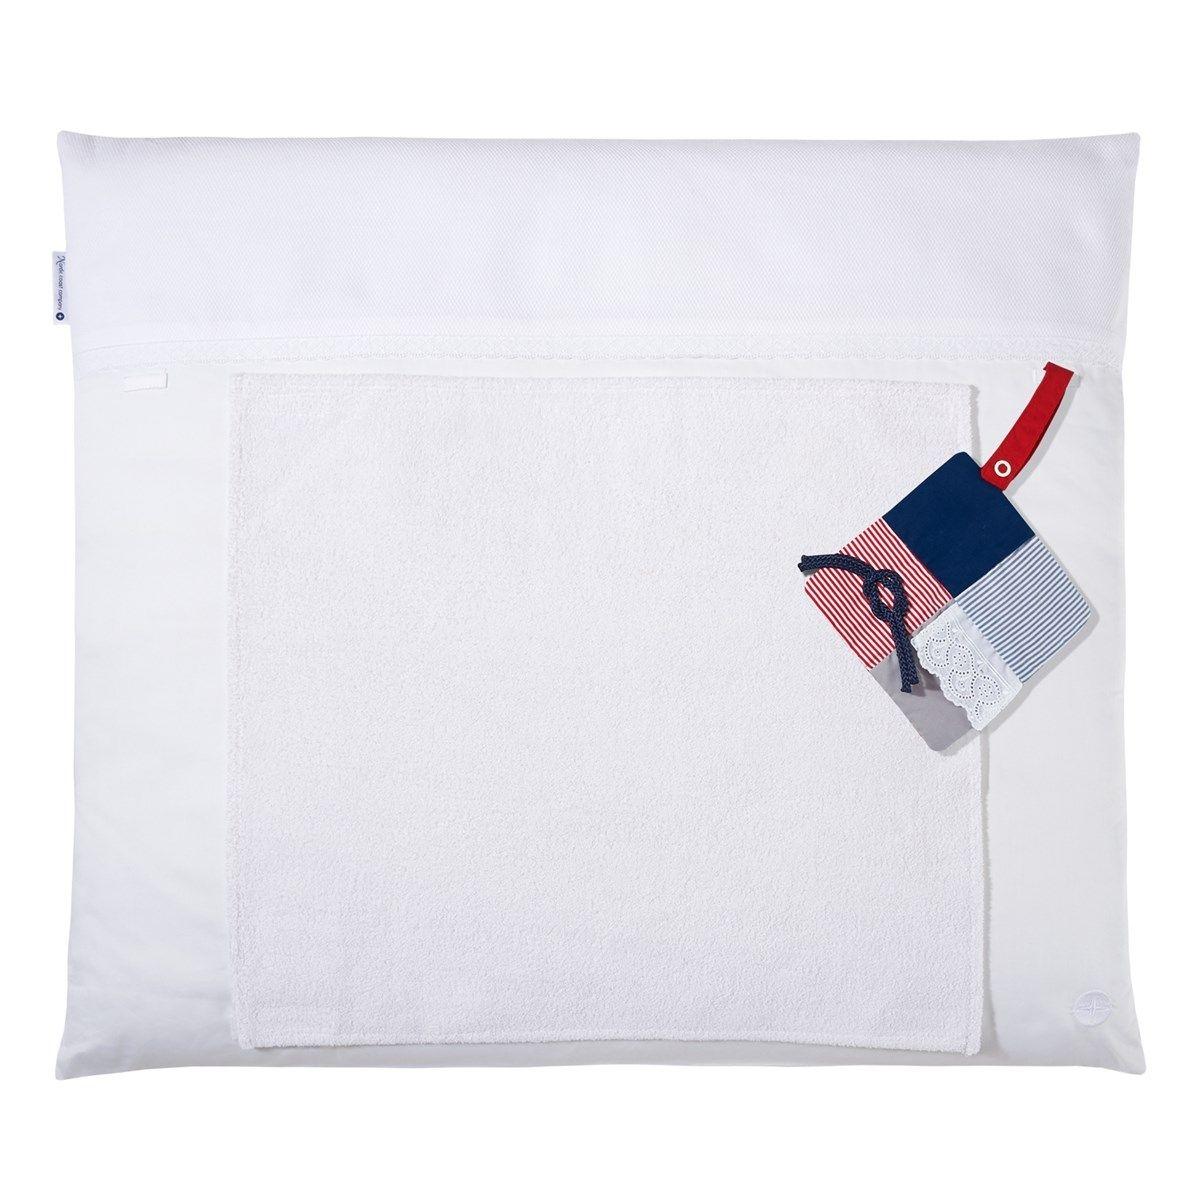 Matelas à langer 70x80 cm lavable avec serviette imperméable